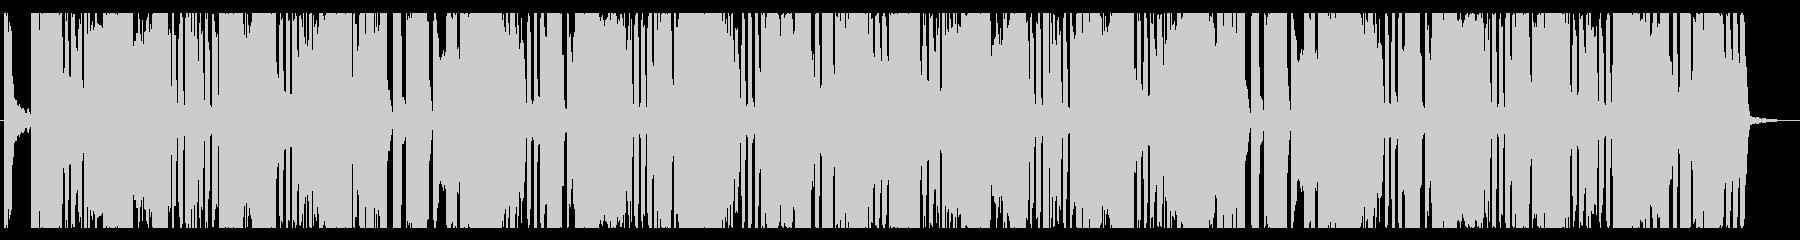 星/エレクトロハウス_No377_2の未再生の波形